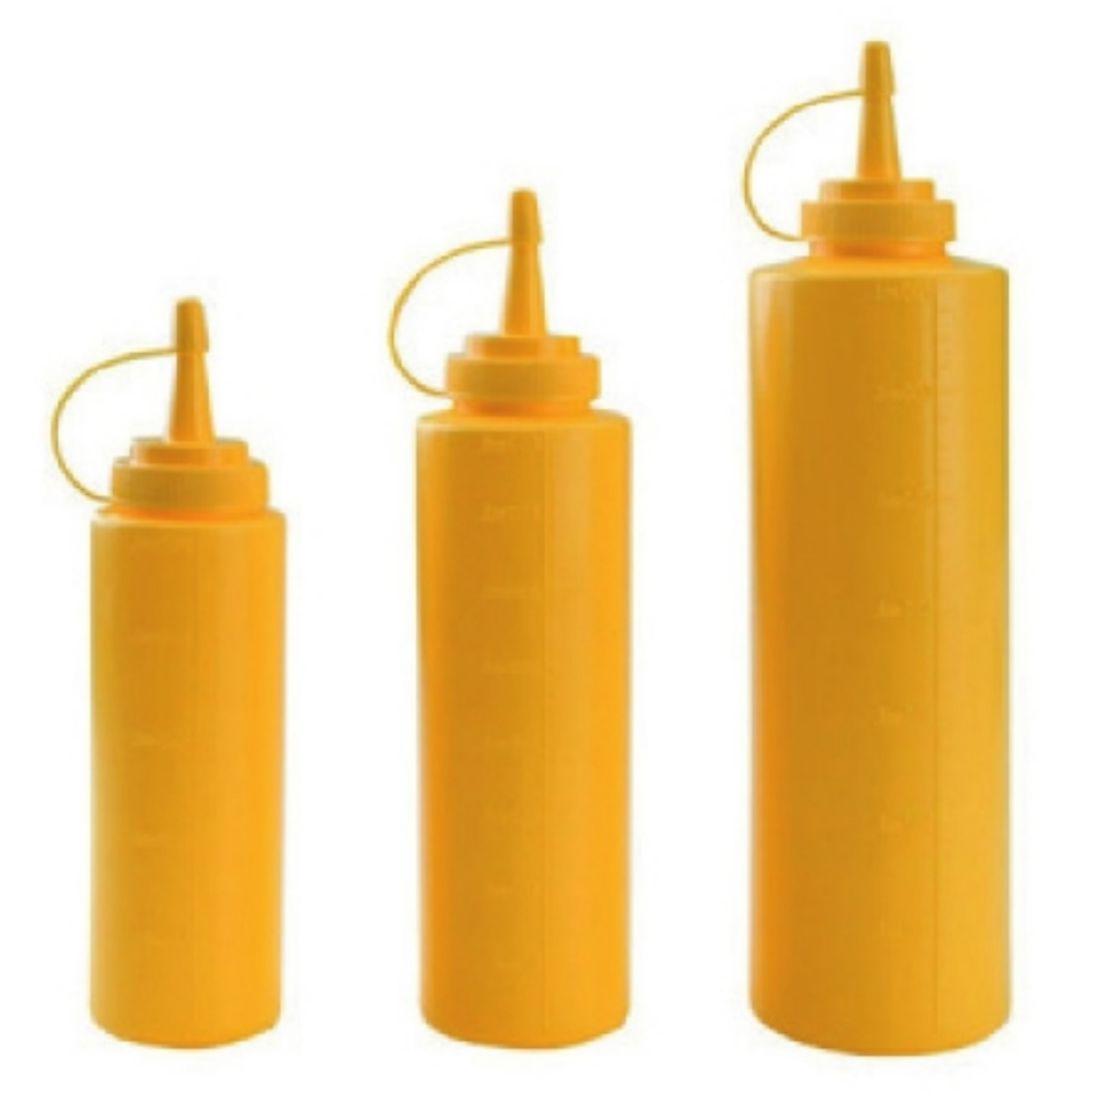 Dávkovač na omáčky žlutý 250 ml